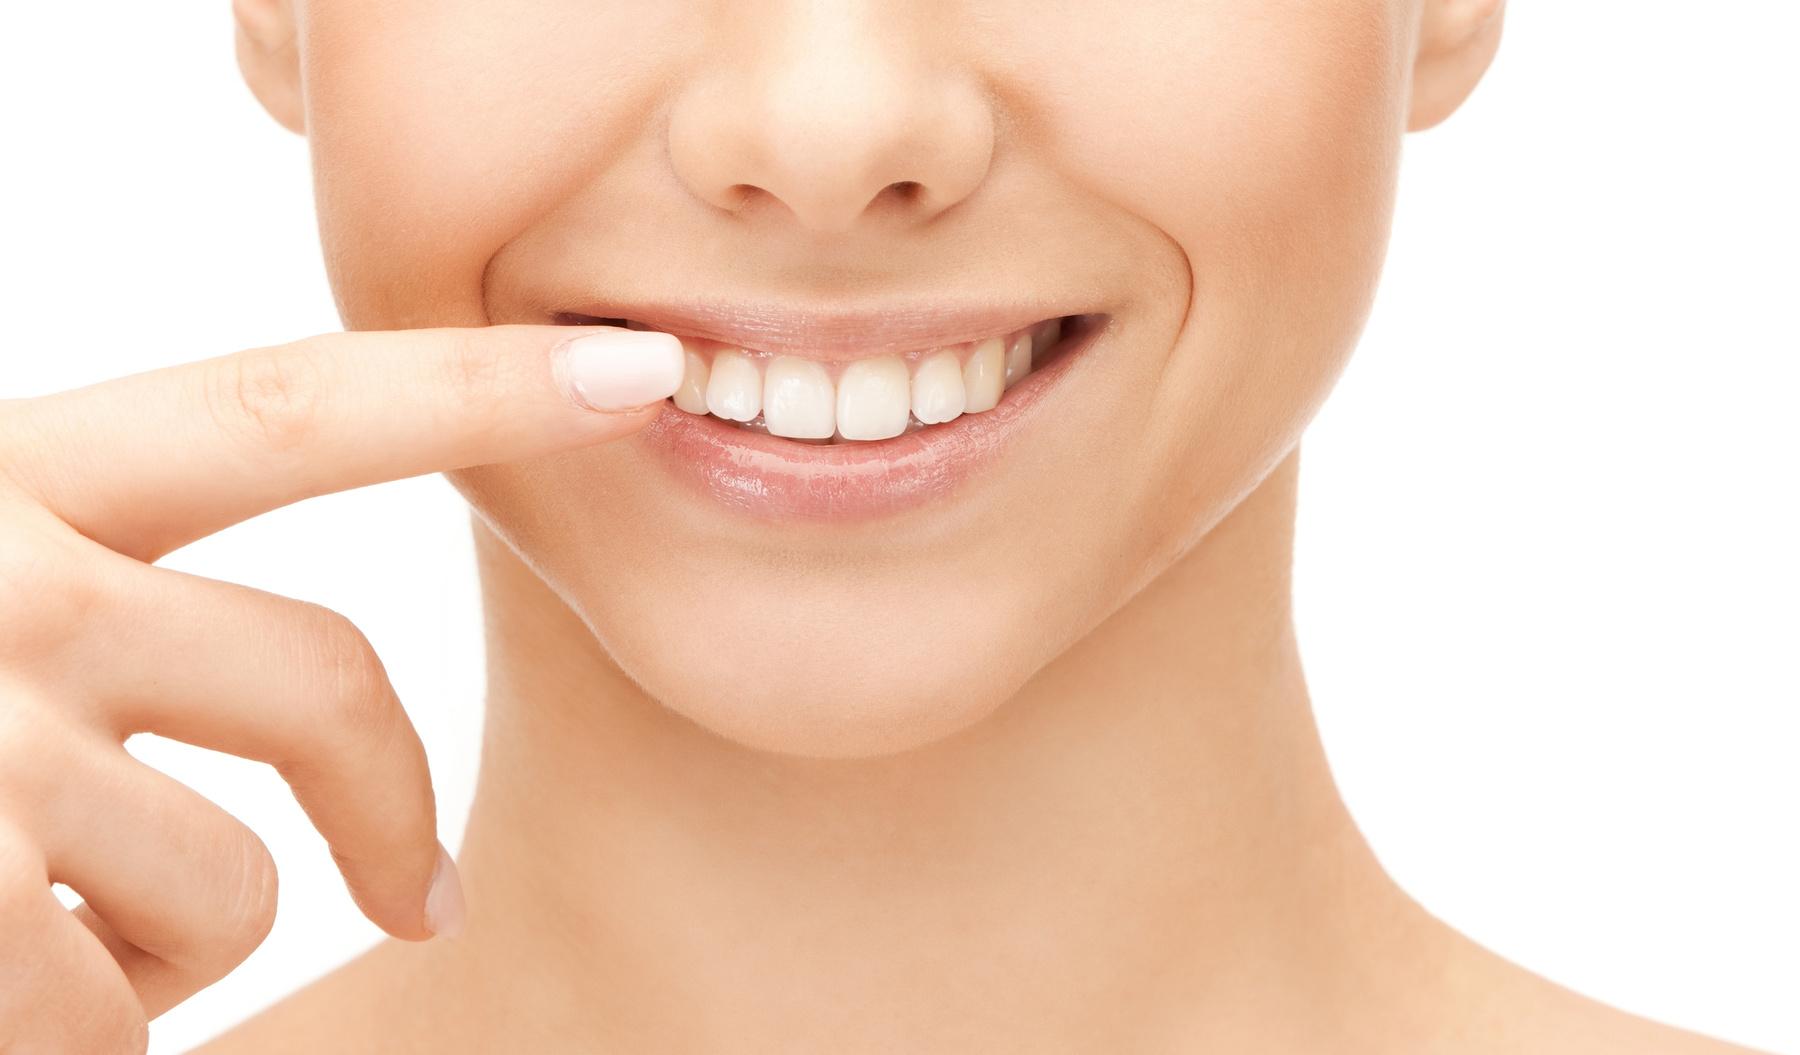 上の歯のインプラント治療の特徴~前歯・奥歯それぞれの知っておくべきポイント~